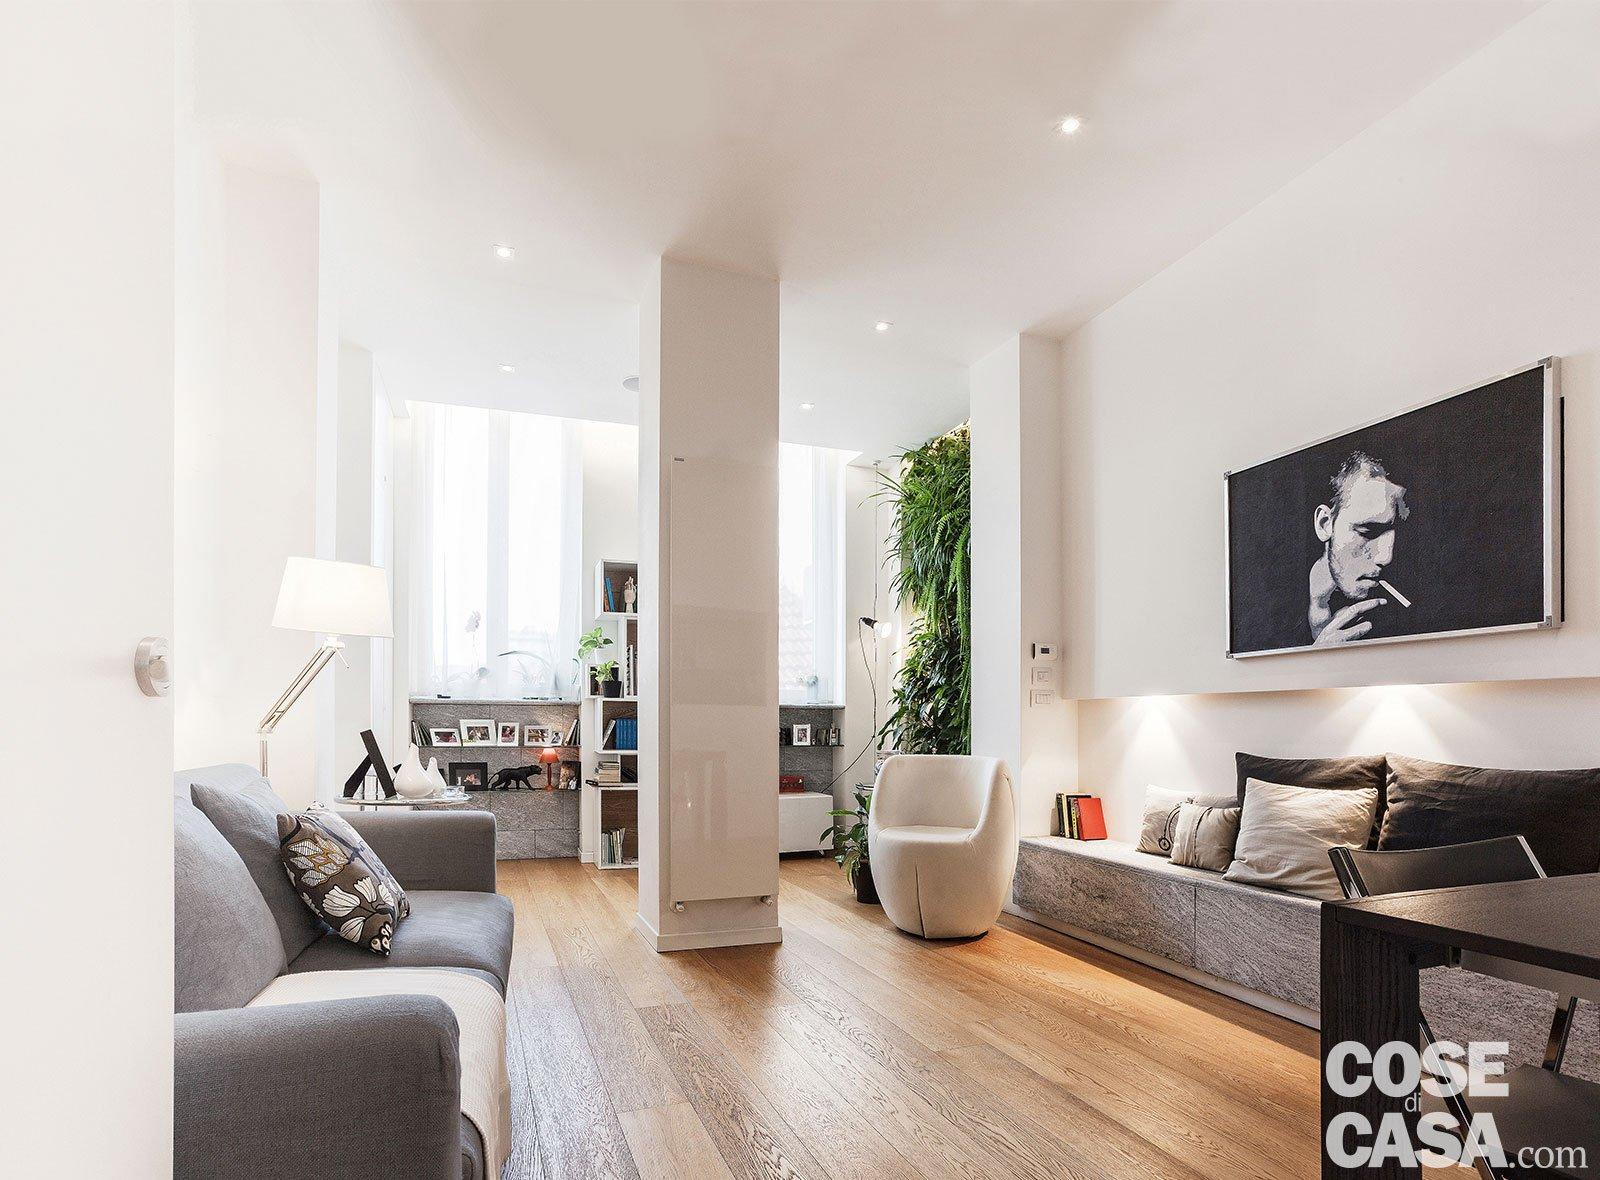 50 mq con soluzioni d 39 arredo salvaspazio cose di casa for Soluzioni soggiorno